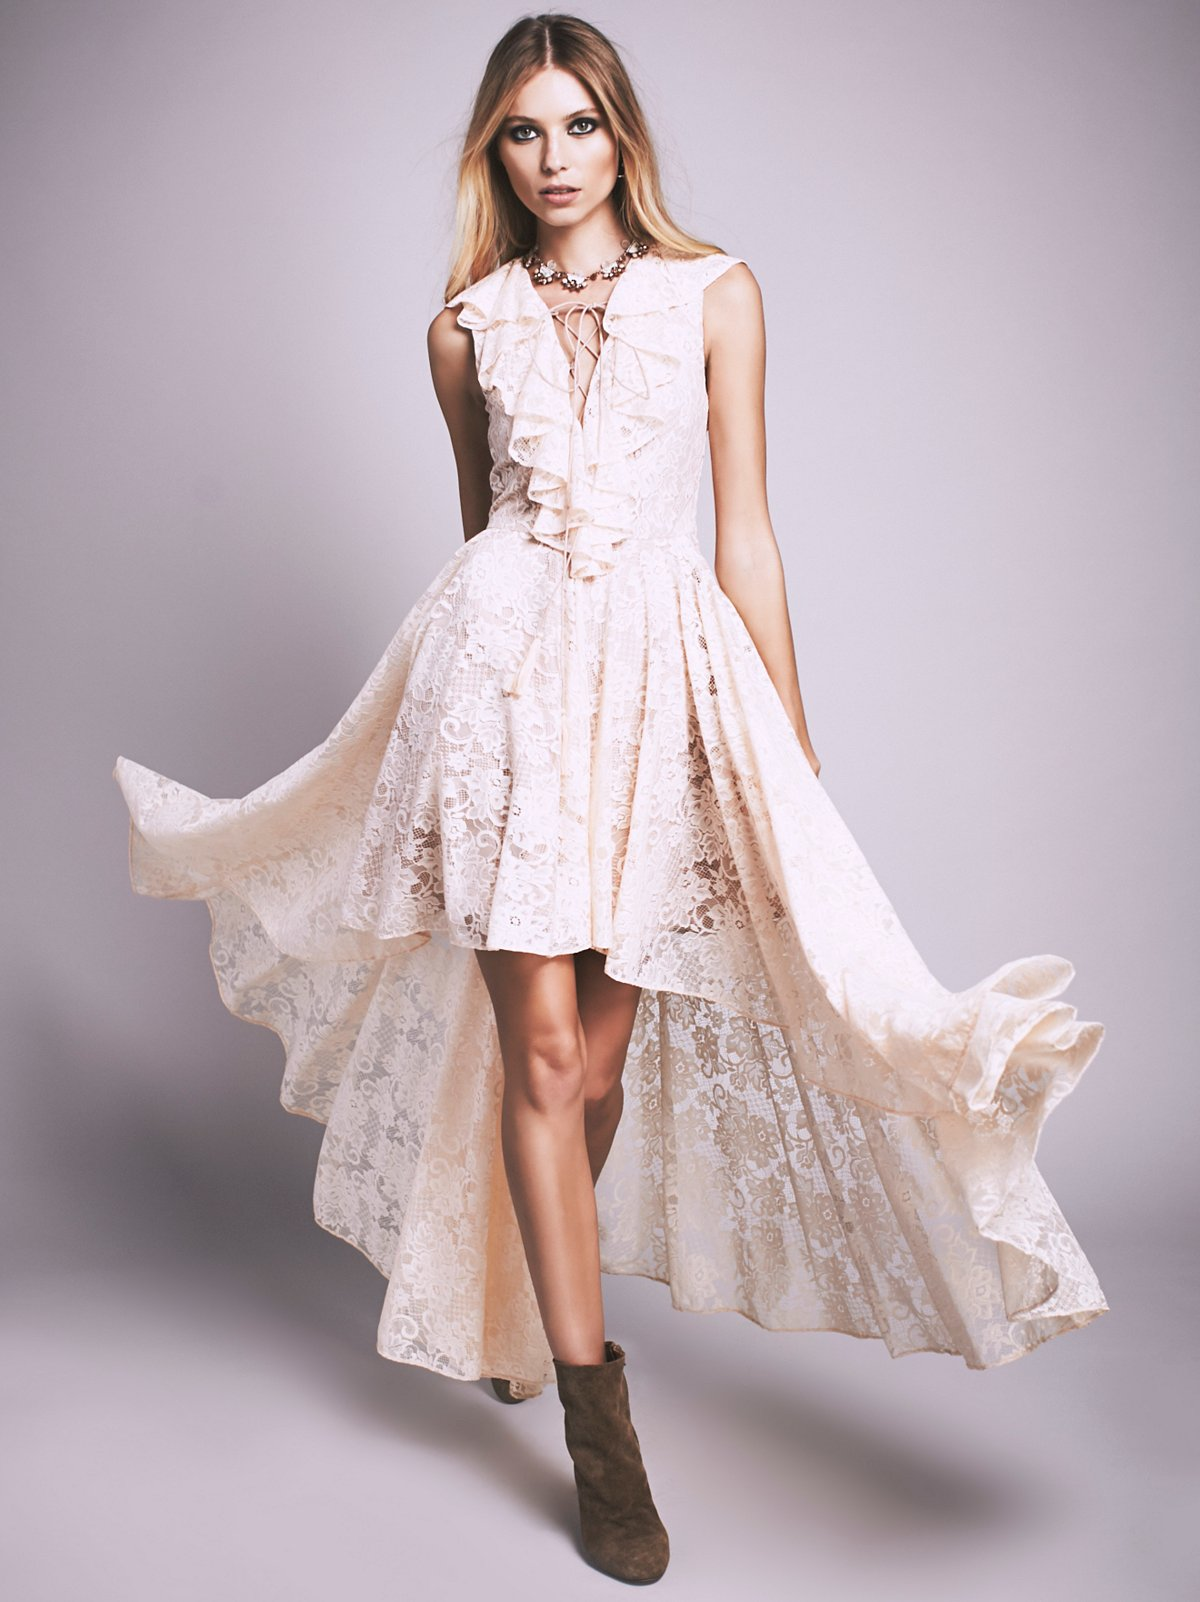 Goddess Lace Dress